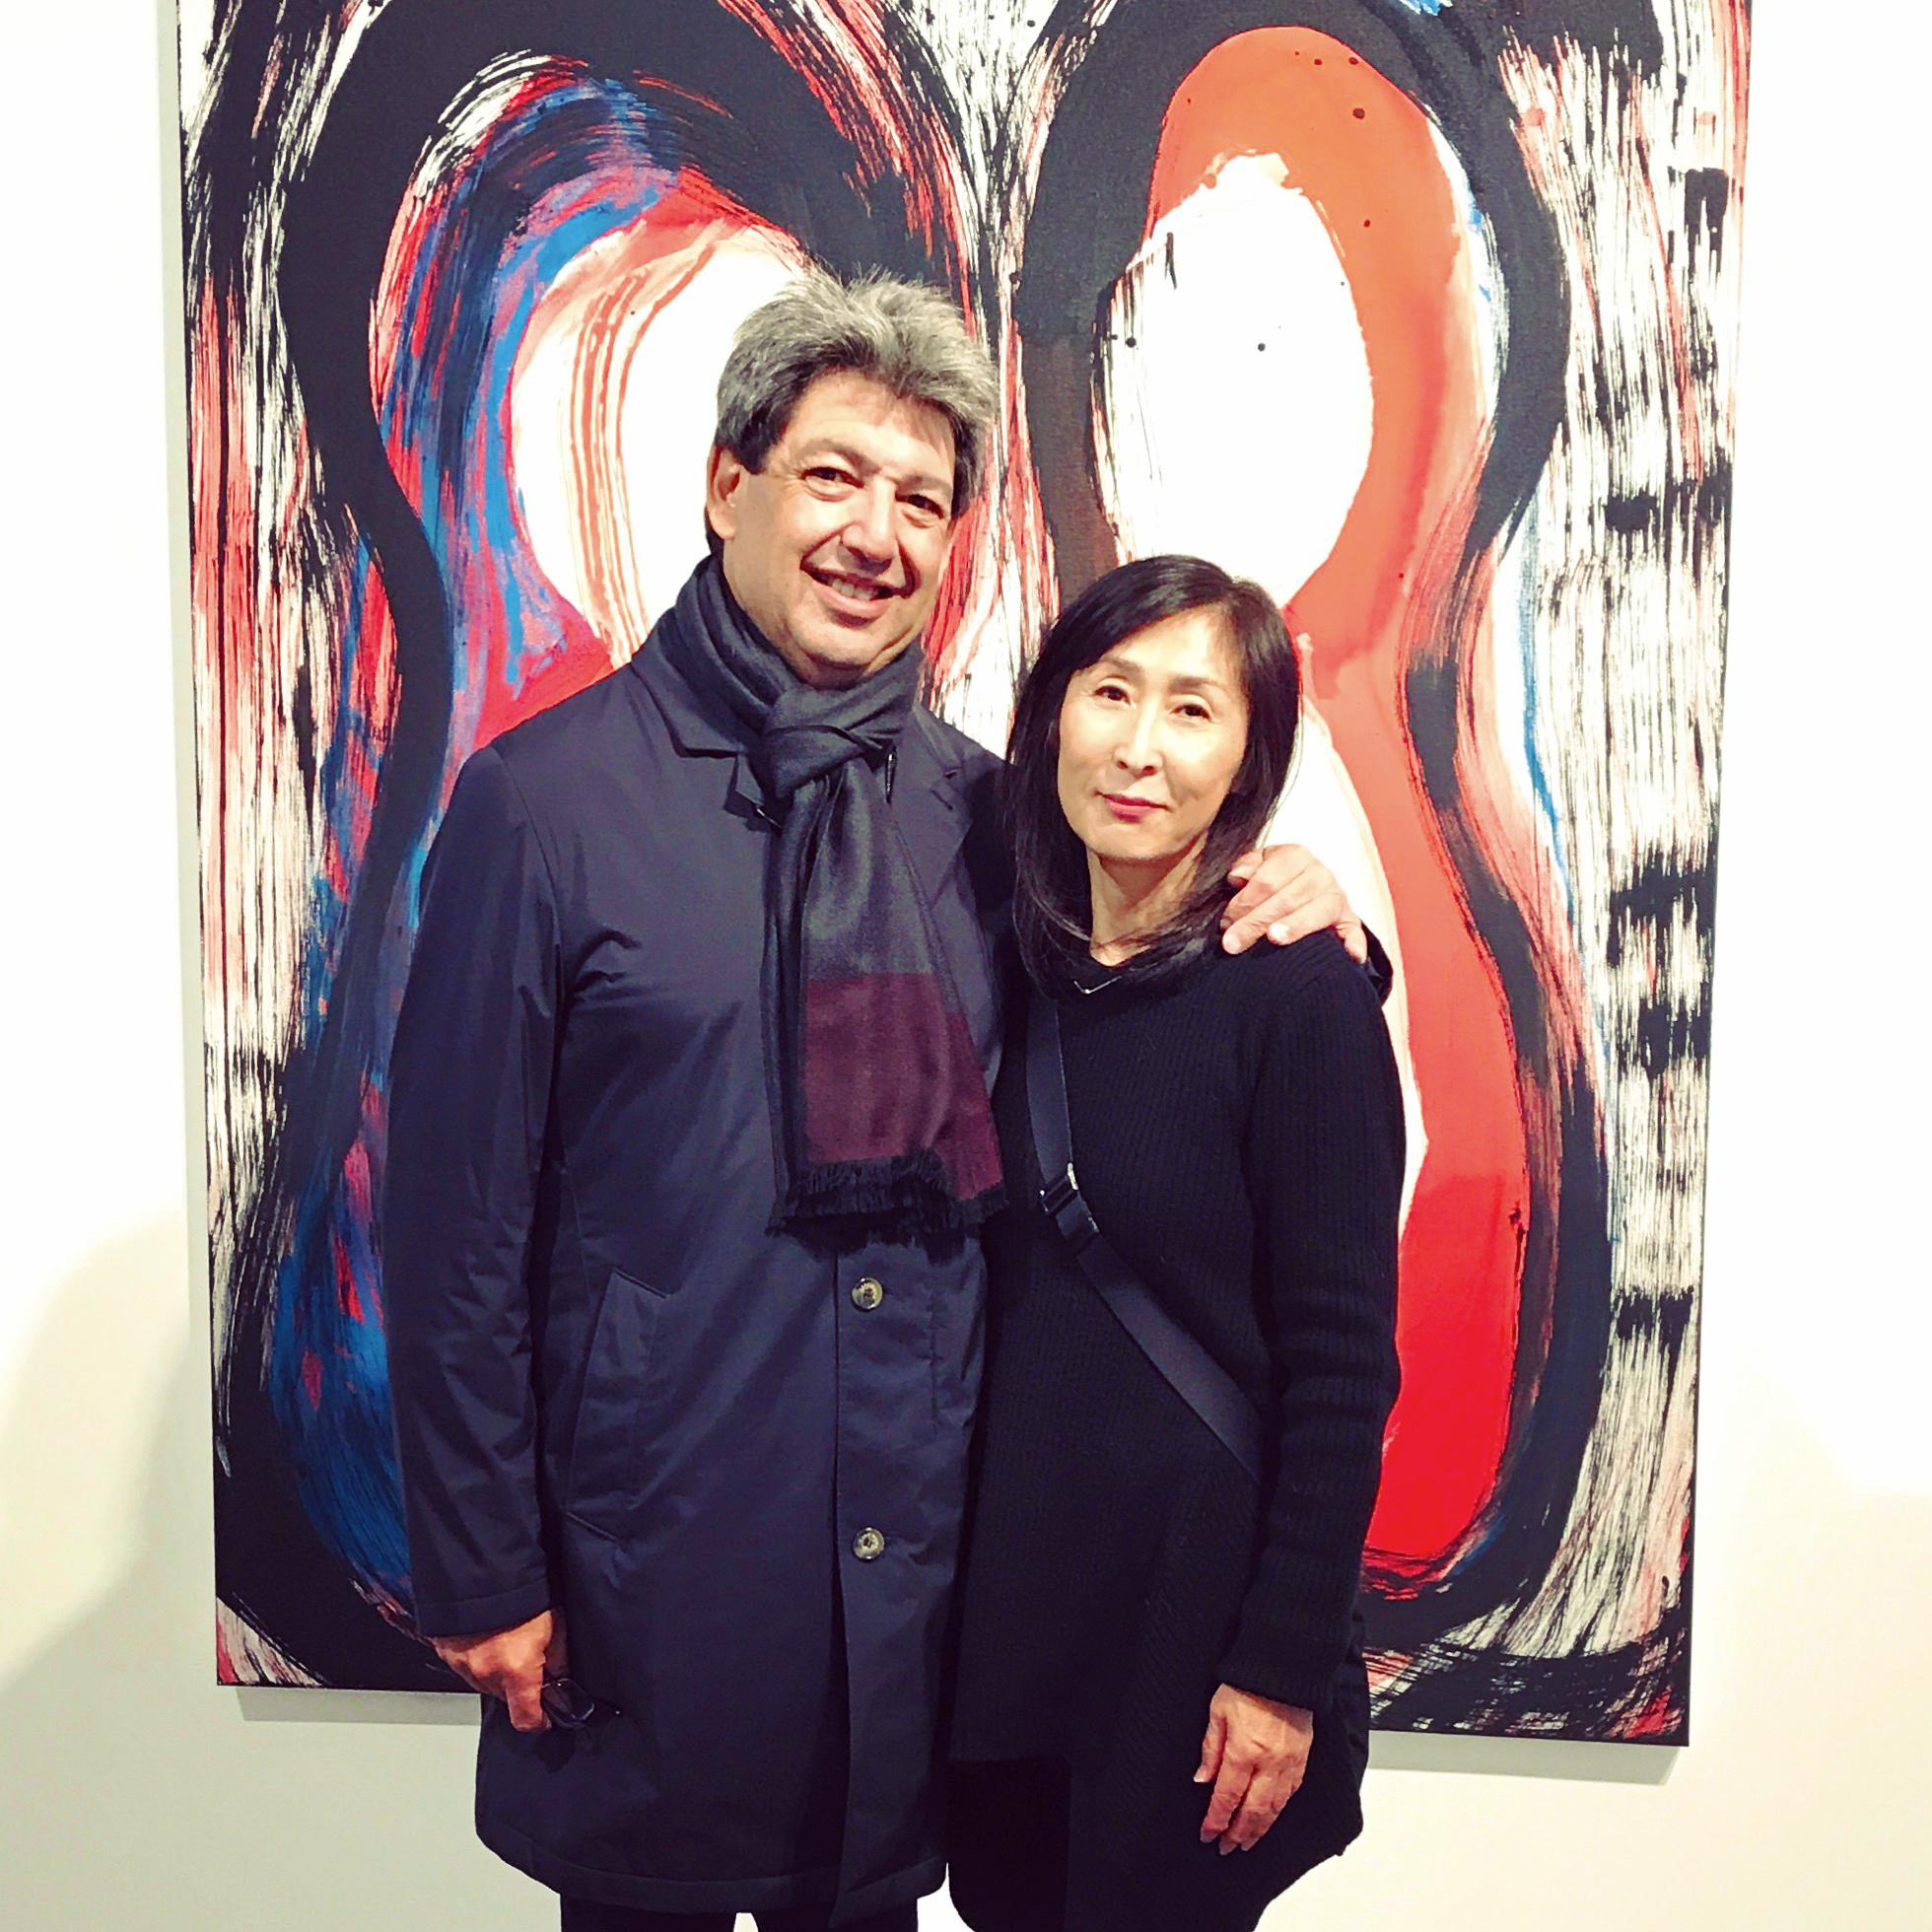 With Paul Schimmel